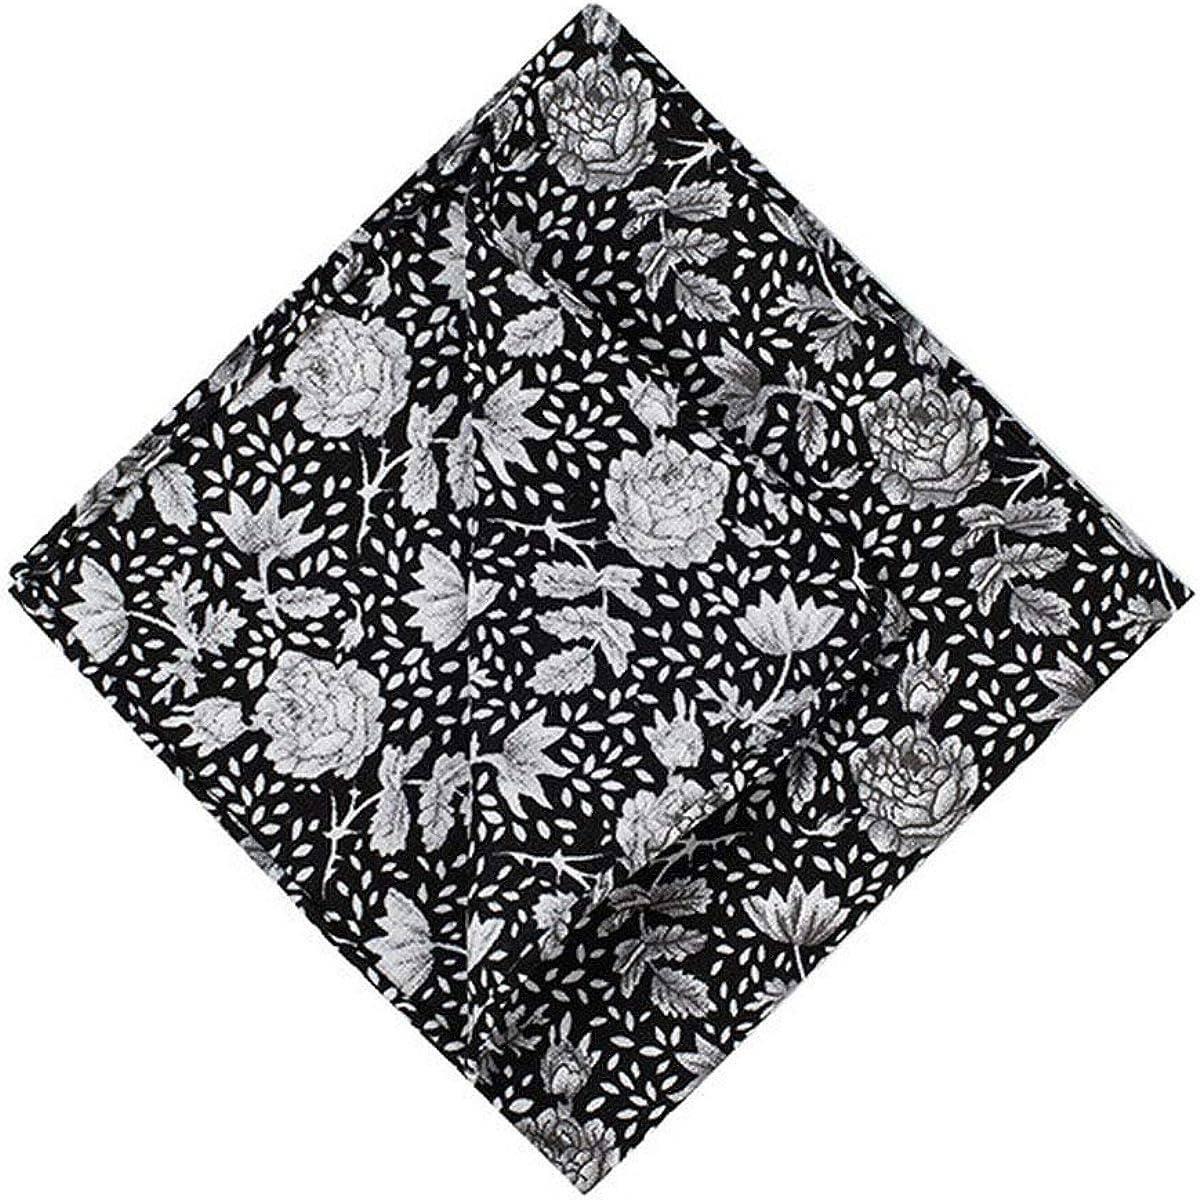 Men's 100% Cotton Fashion Floral Handkerchiefs for Casual Business